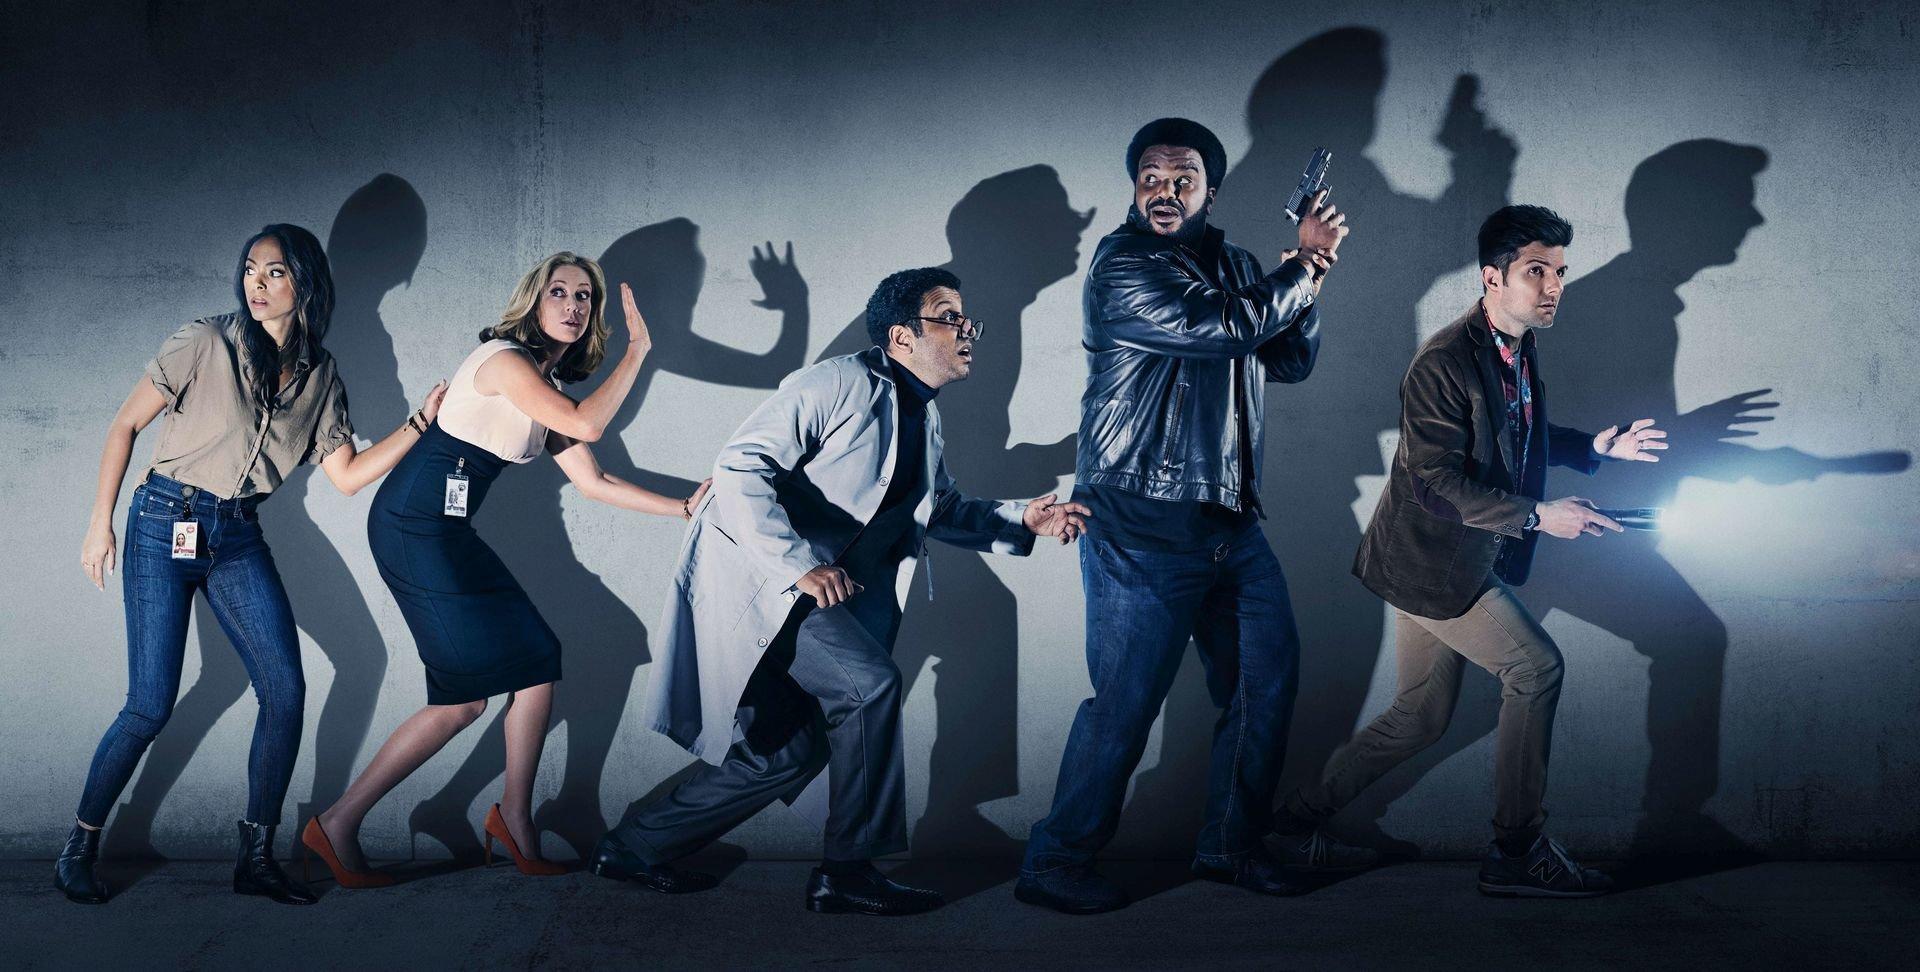 Kto uratuje ludzkość przed kosmitami? Agenci paranormalni rozpoczną swoje śledztwo już 5 listopada tylko na FOX Comedy!